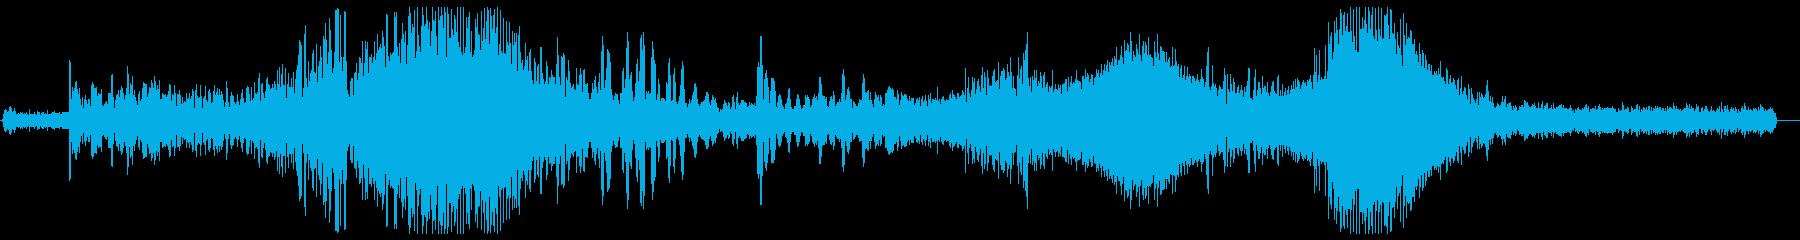 シュワワ(謎の飛行物体)の再生済みの波形